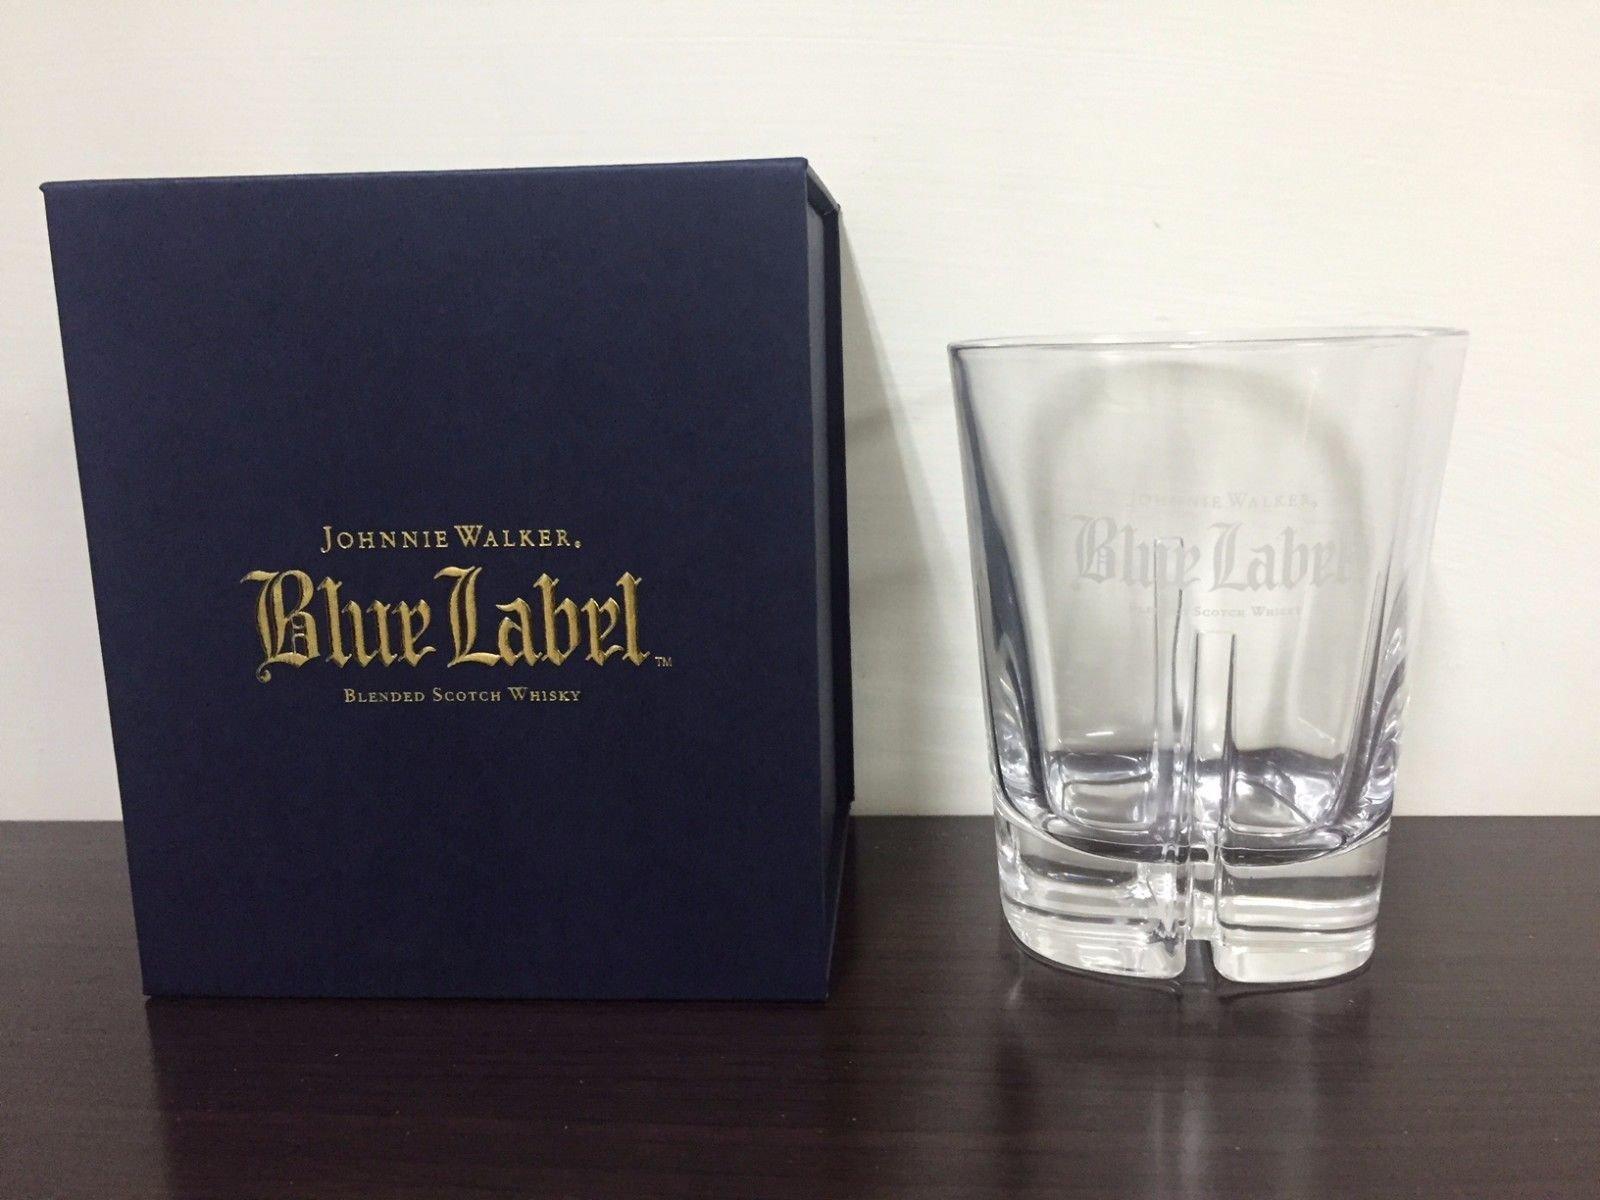 Johnnie Walker Blue Label Prestige Crystal Snifter Glass by Johnnie Walker Distillery & Reidel Fine Glassware